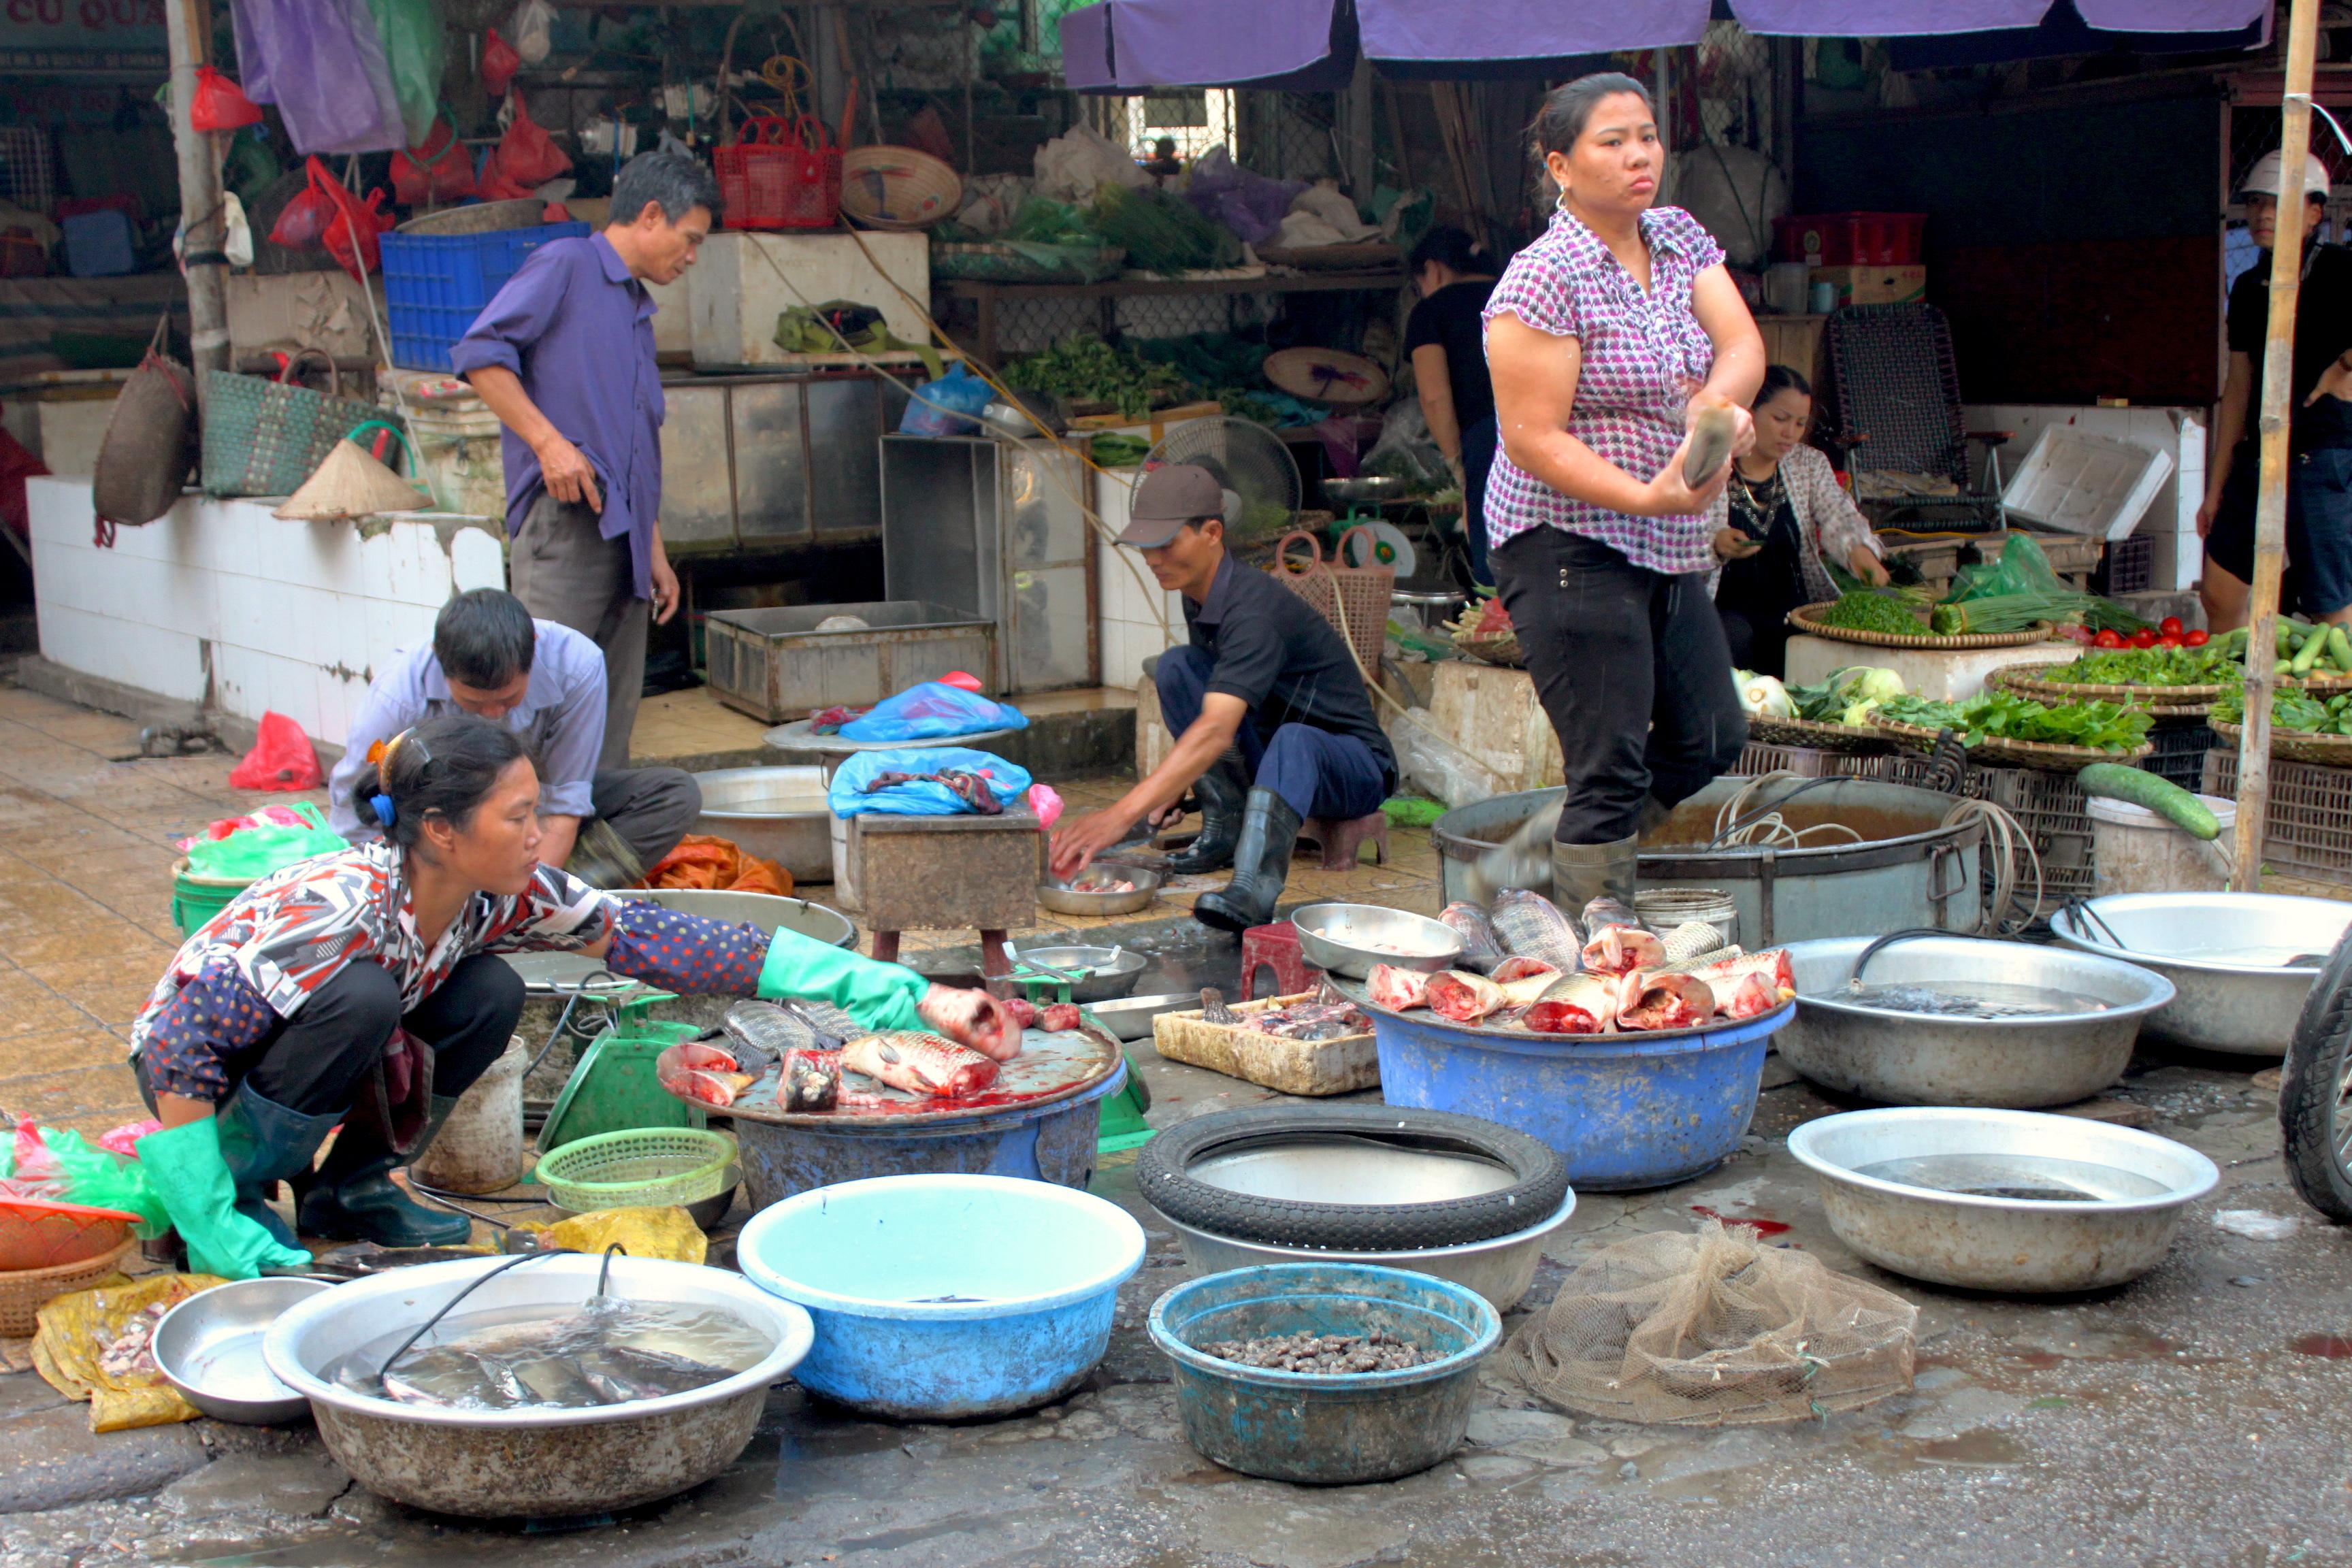 Il mercato del pesce, molto molto fresco